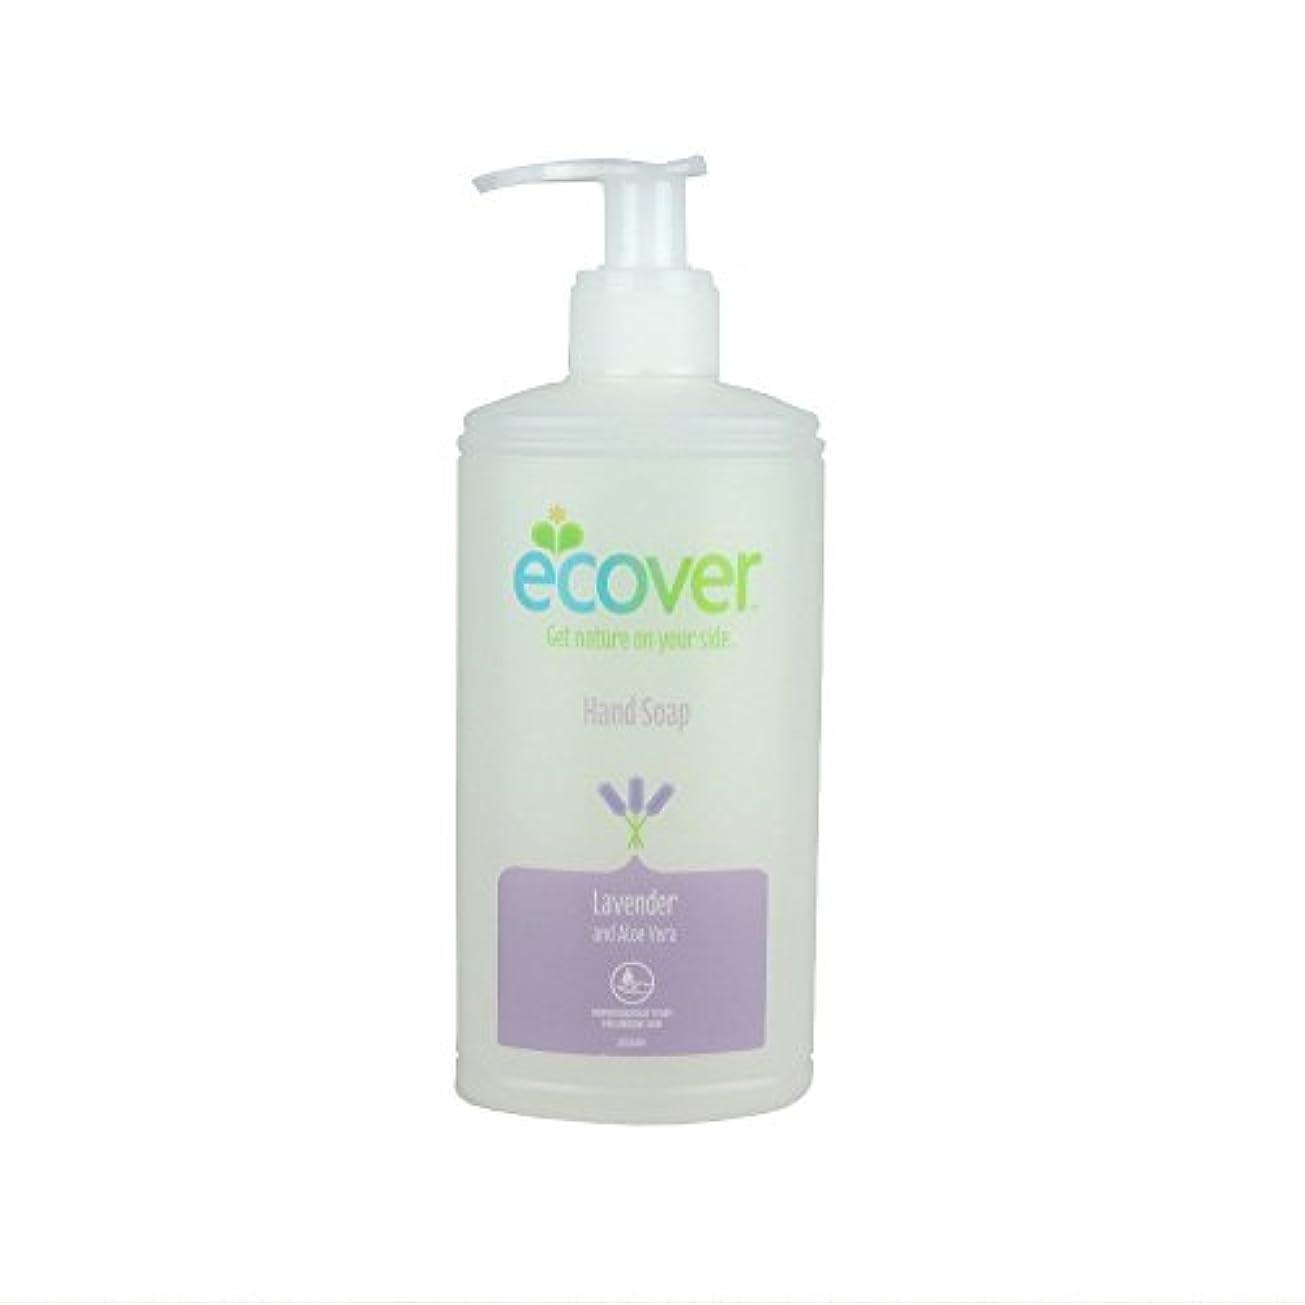 認めるクラッチ快適Ecover Liquid Hand Soap Lavender & Aloe Vera (250ml) 液体ハンドソープラベンダーとアロエベラ( 250ミリリットル)をエコベール